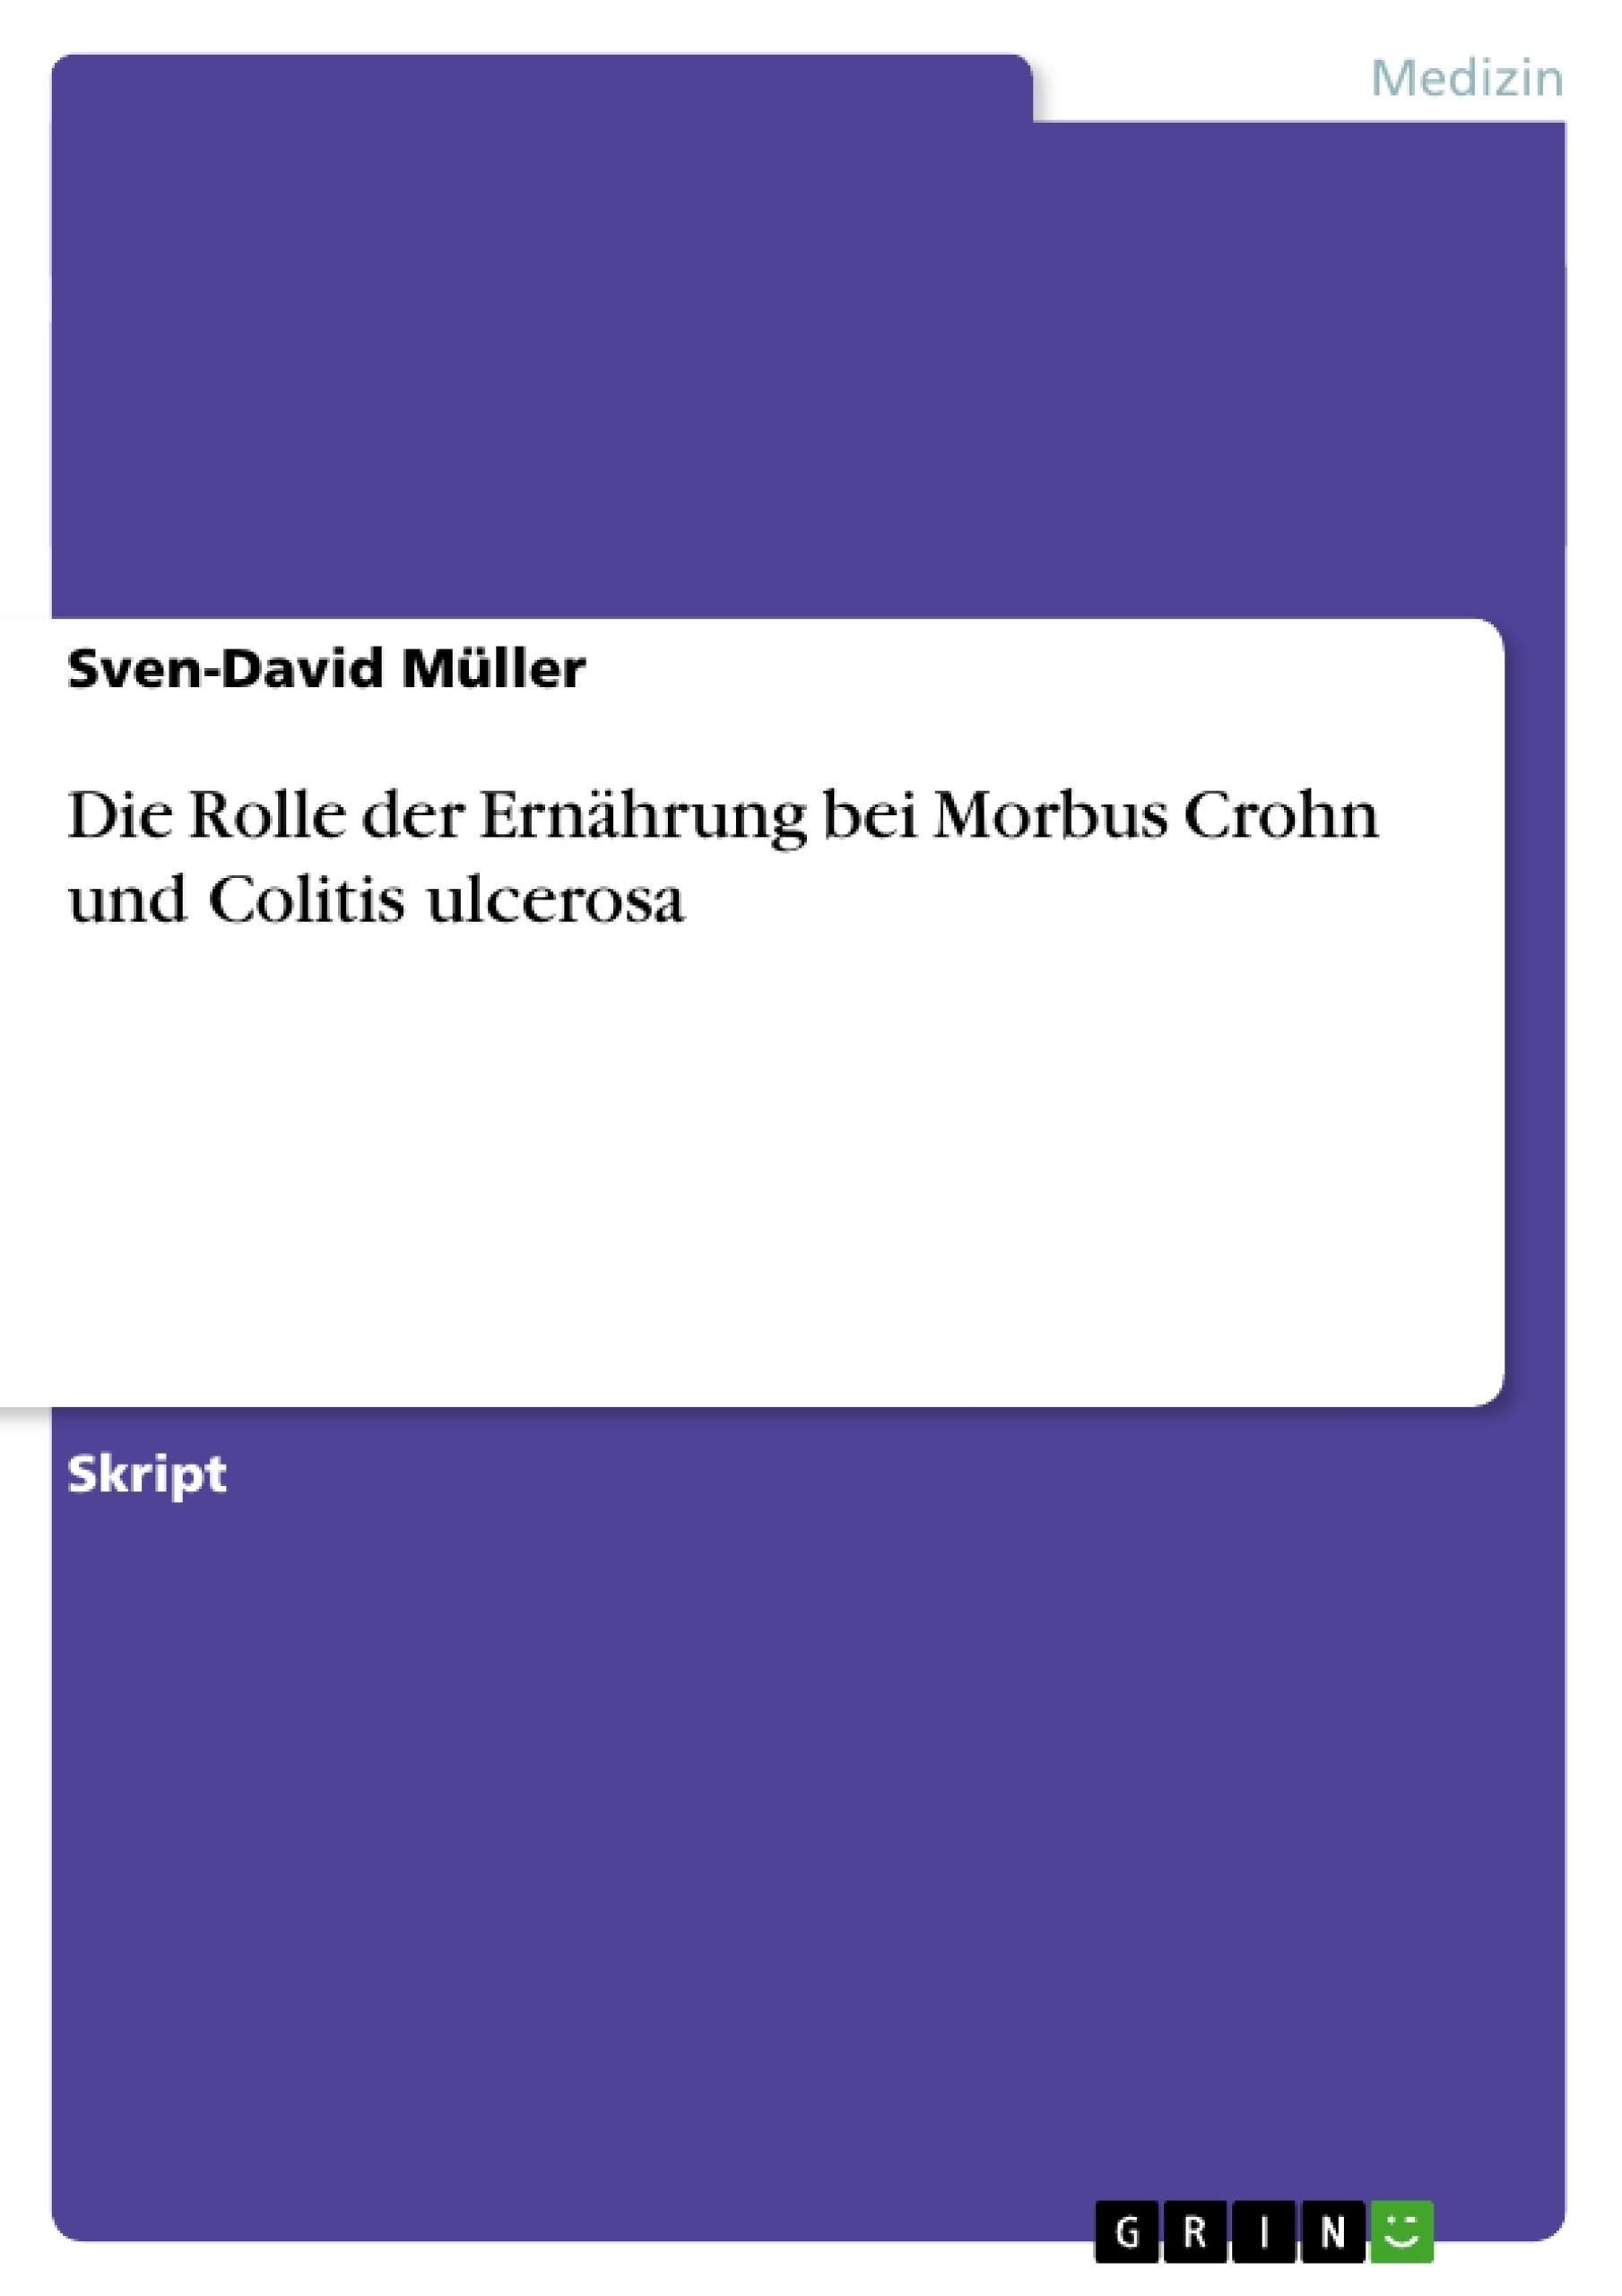 Titel: Die Rolle der Ernährung bei Morbus Crohn und Colitis ulcerosa